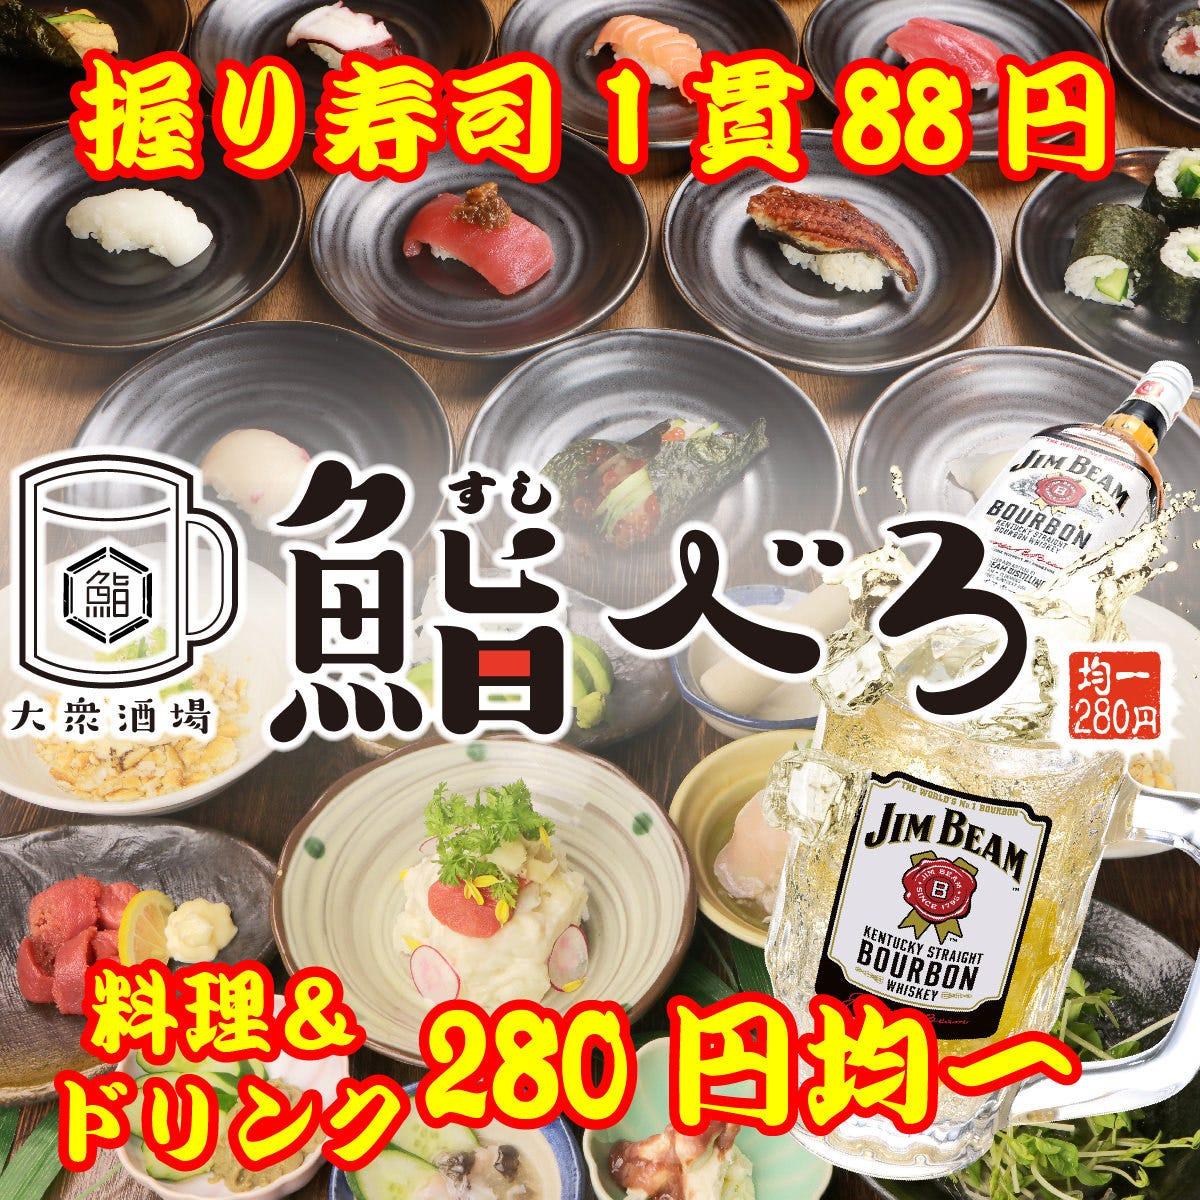 280円均一 大衆酒場 鮨べろ 京都西院店